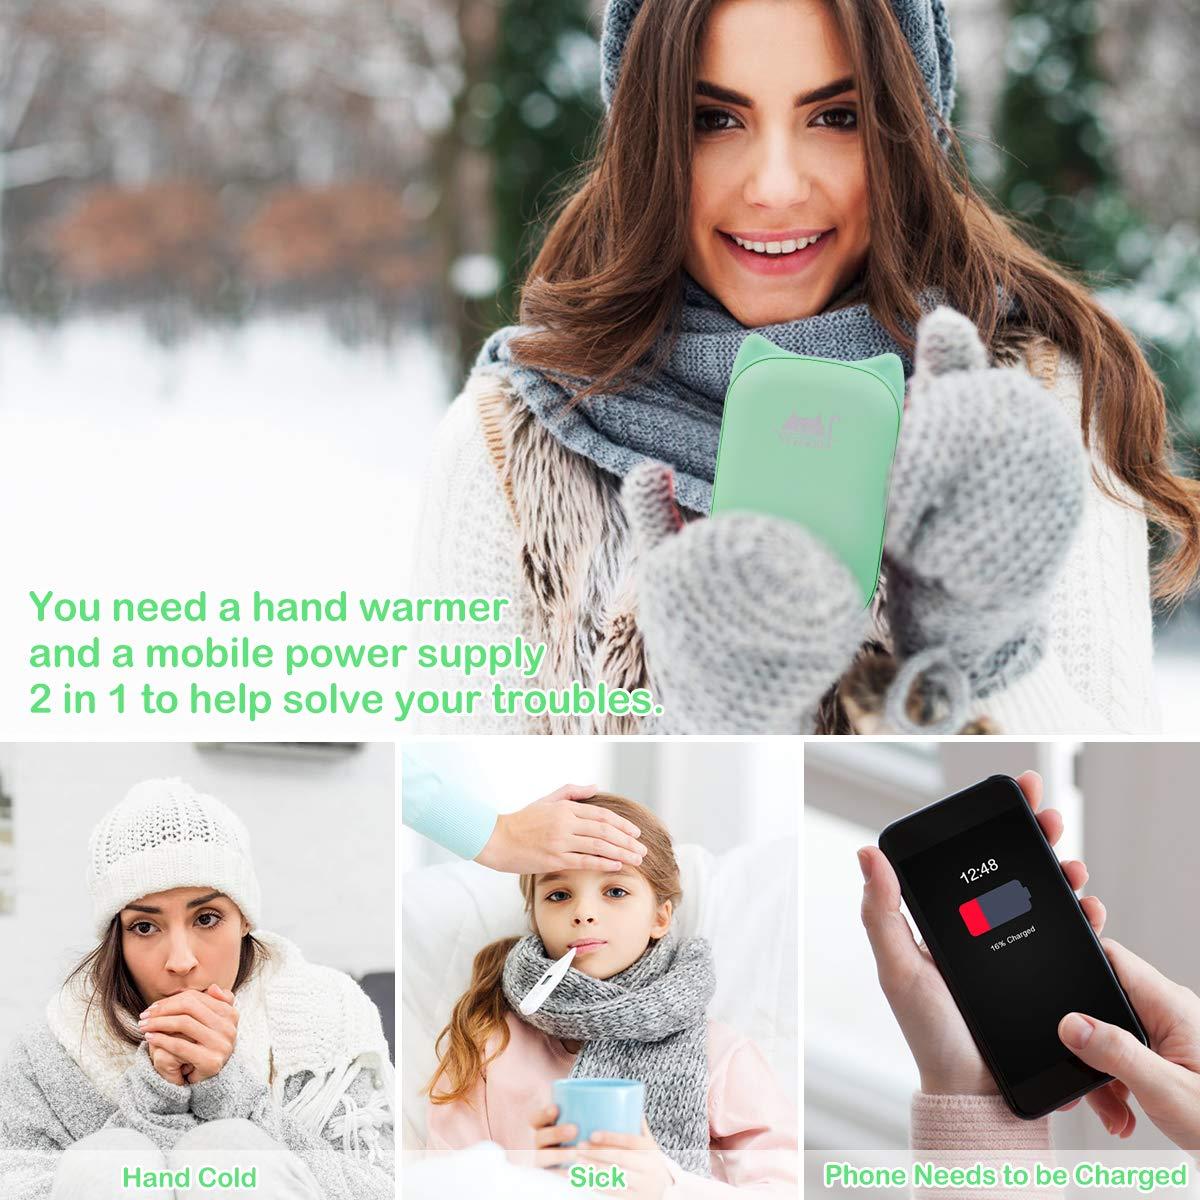 VEIERSIA Wiederaufladbarer Tragbarer Handwärmer mit USB Power Bank 6000mAh, Doppelte Seitenerwärmung, Valentinstag